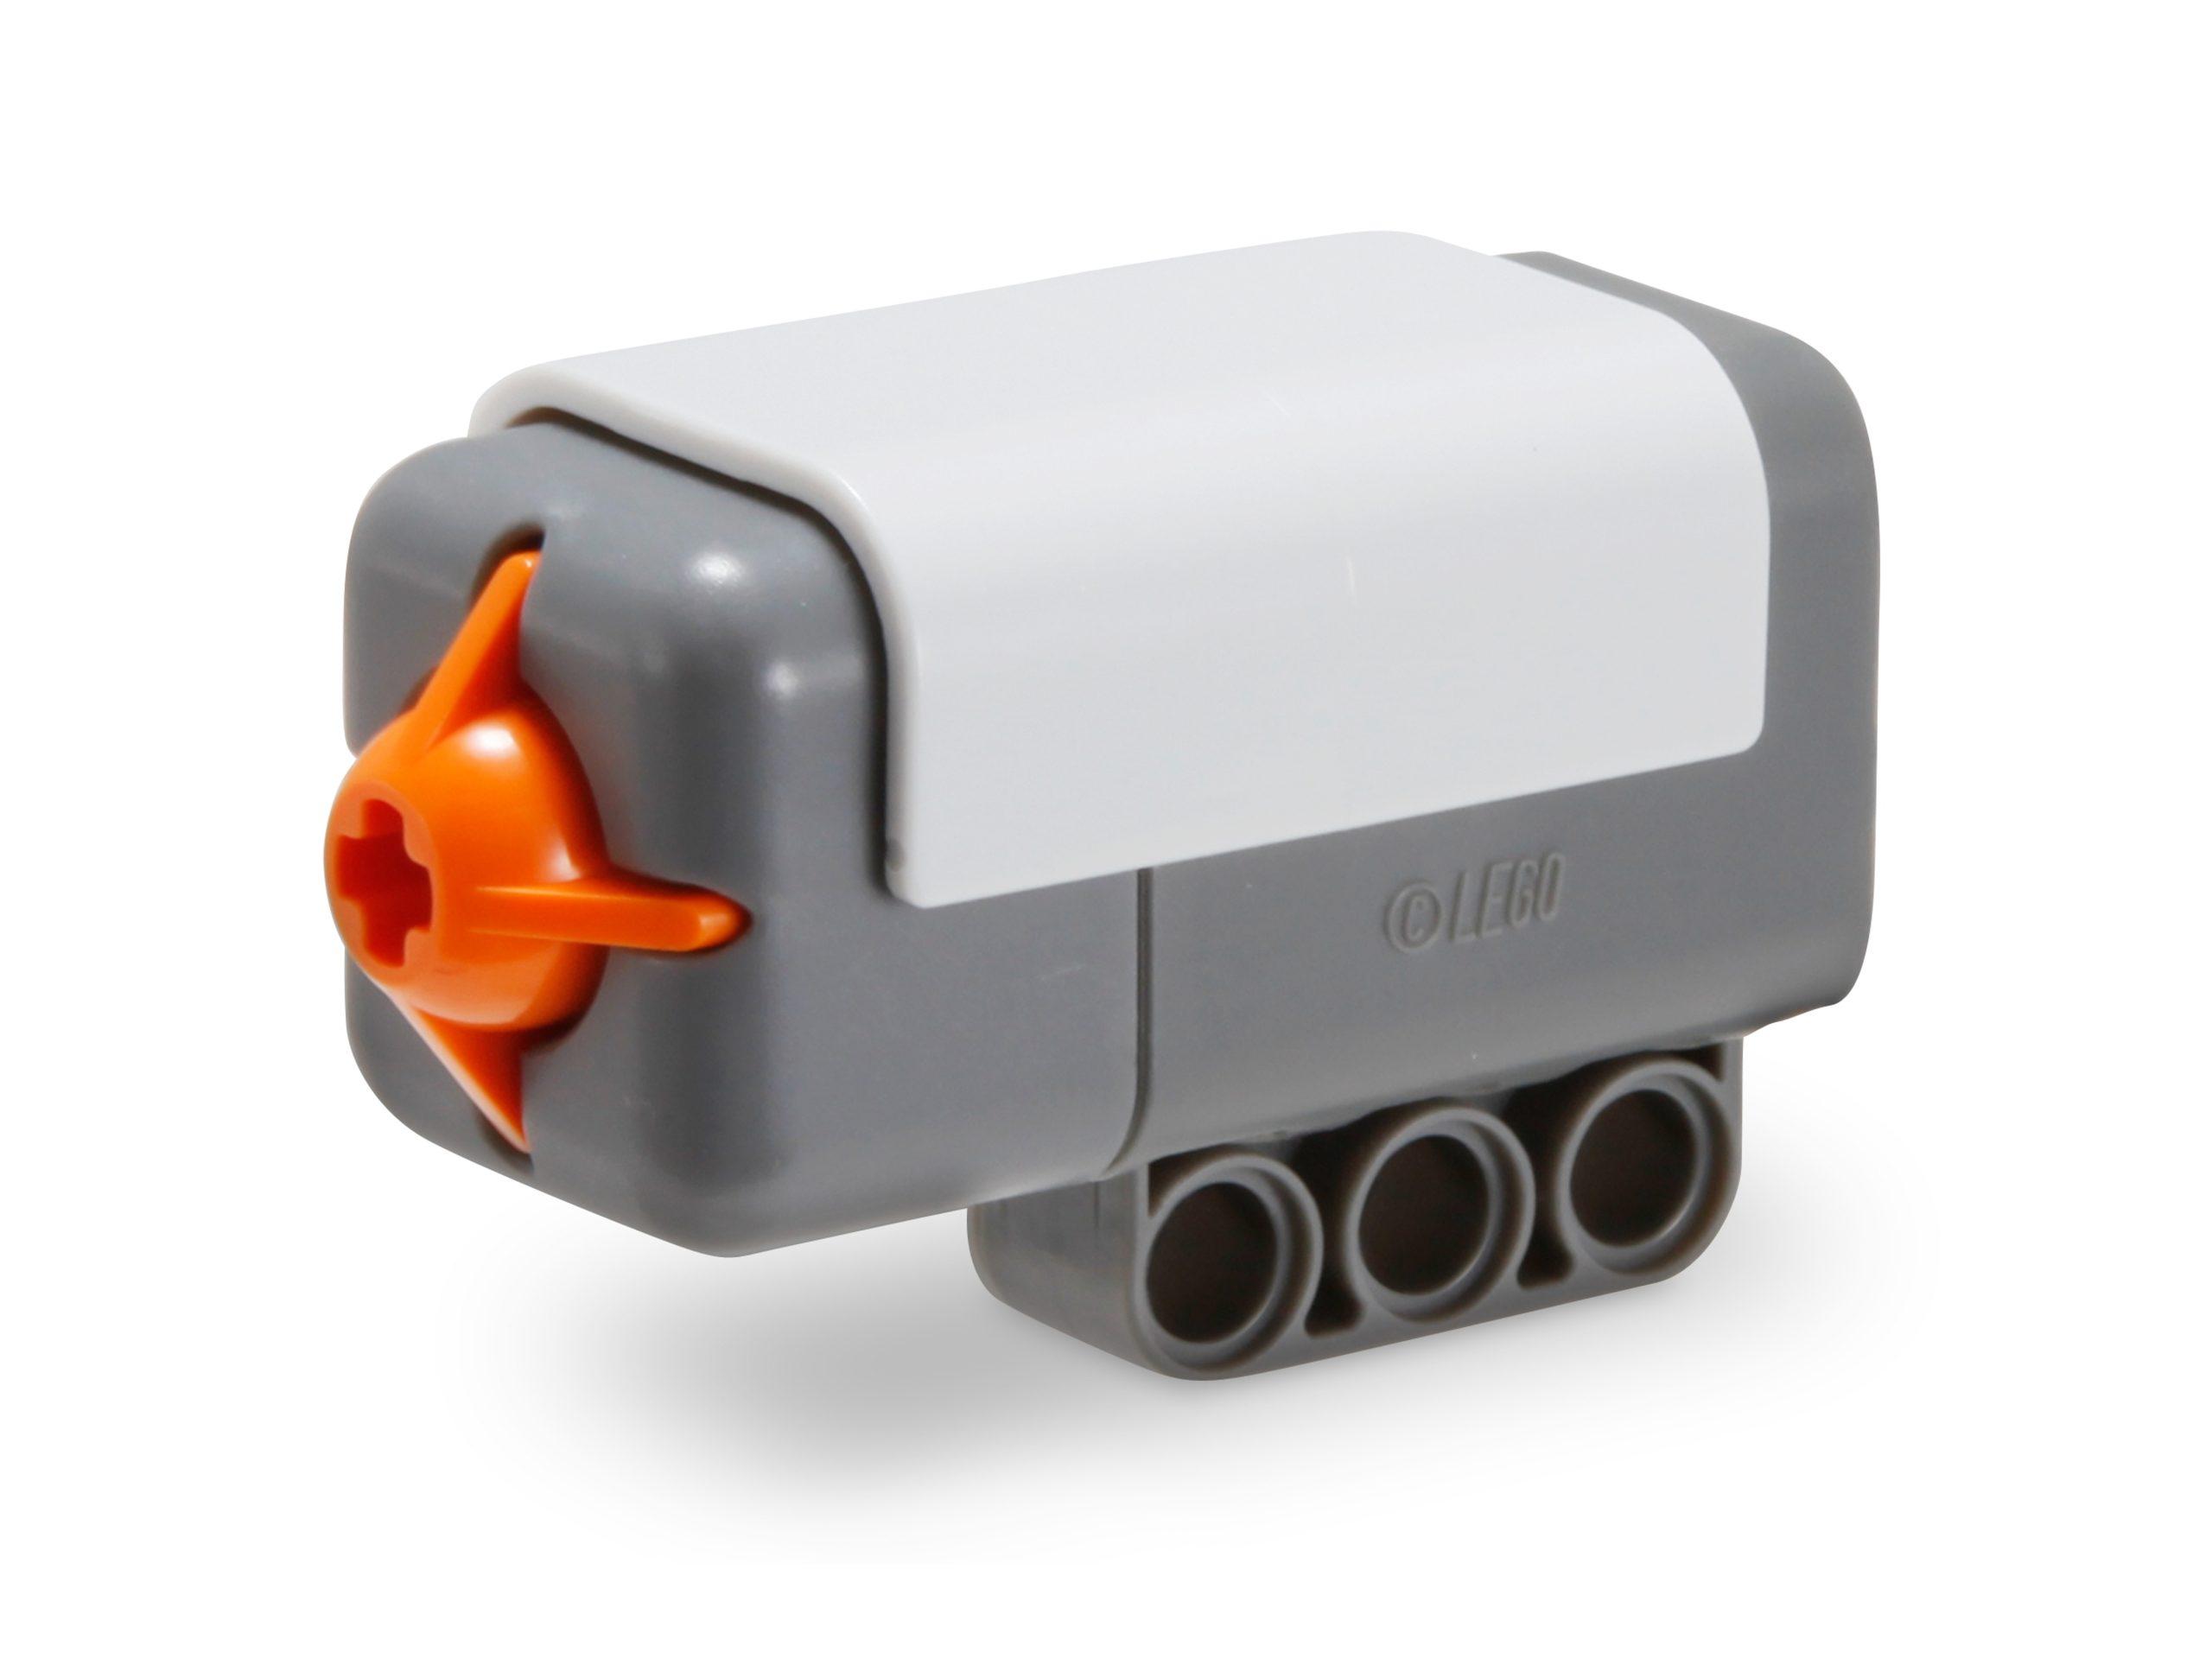 lego 9843 capteur de contact scaled